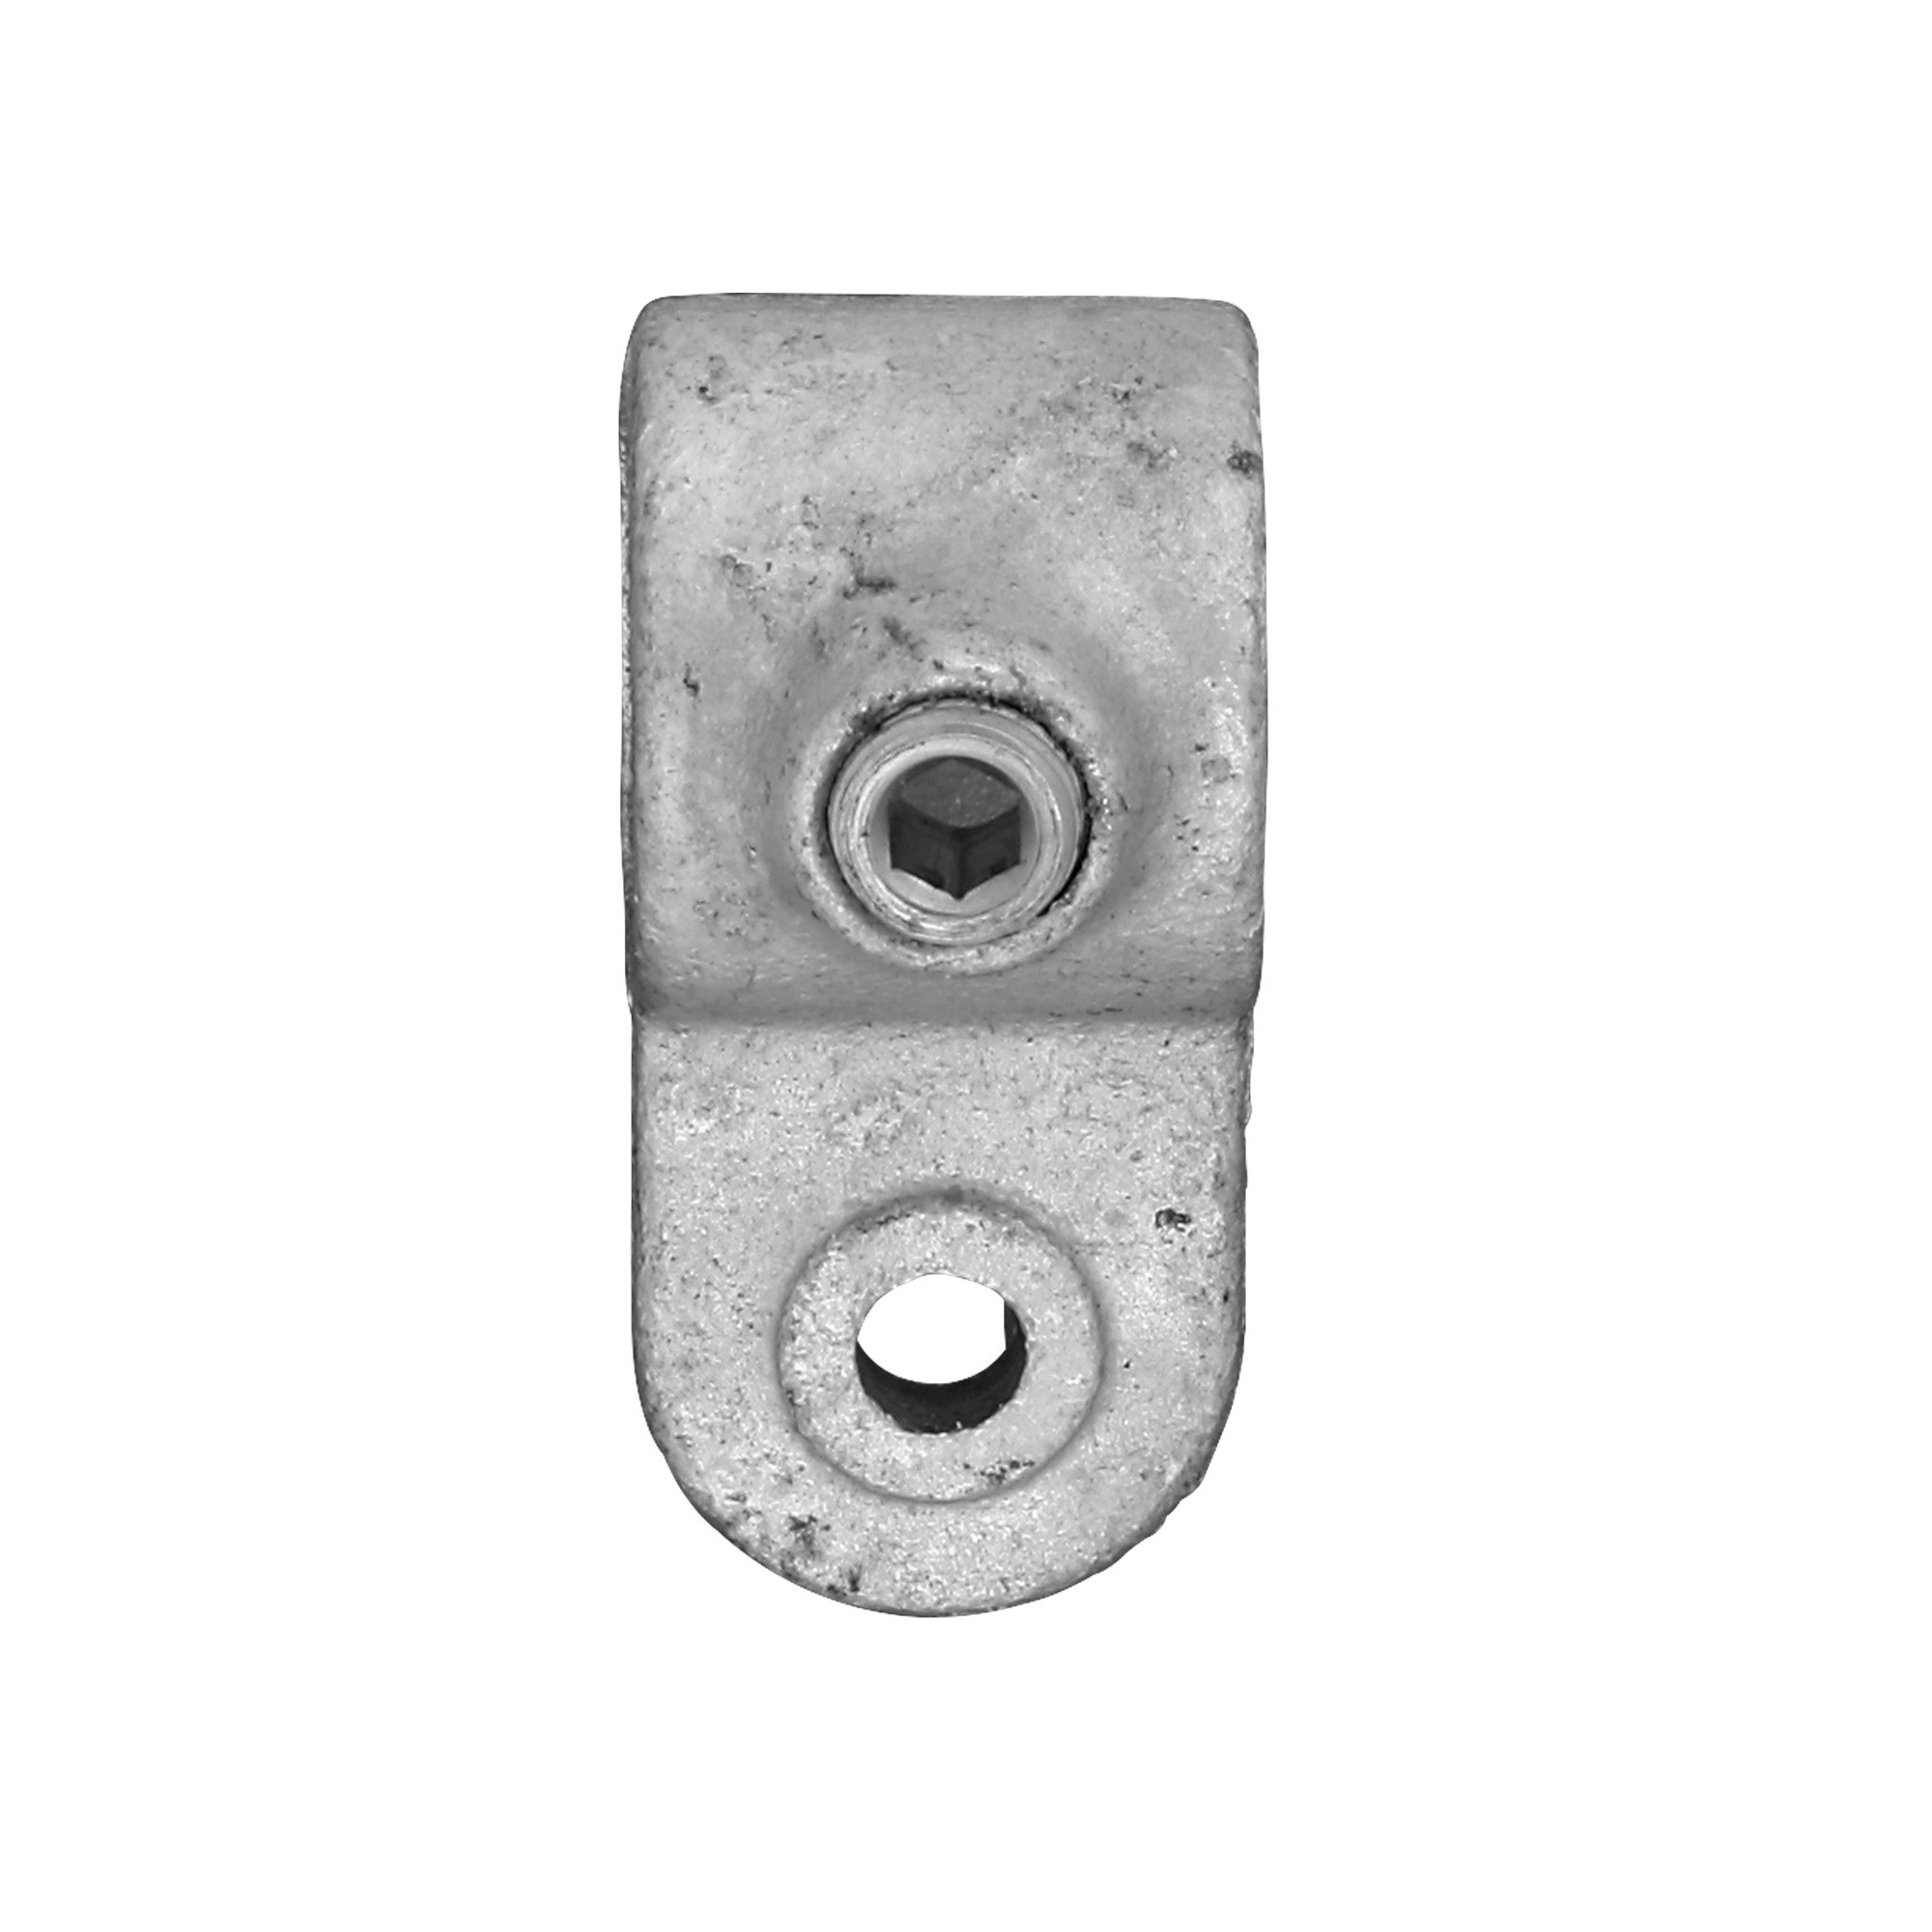 Novidade steigerbuis koppelstuk oogdeel 27 mm verzinkt